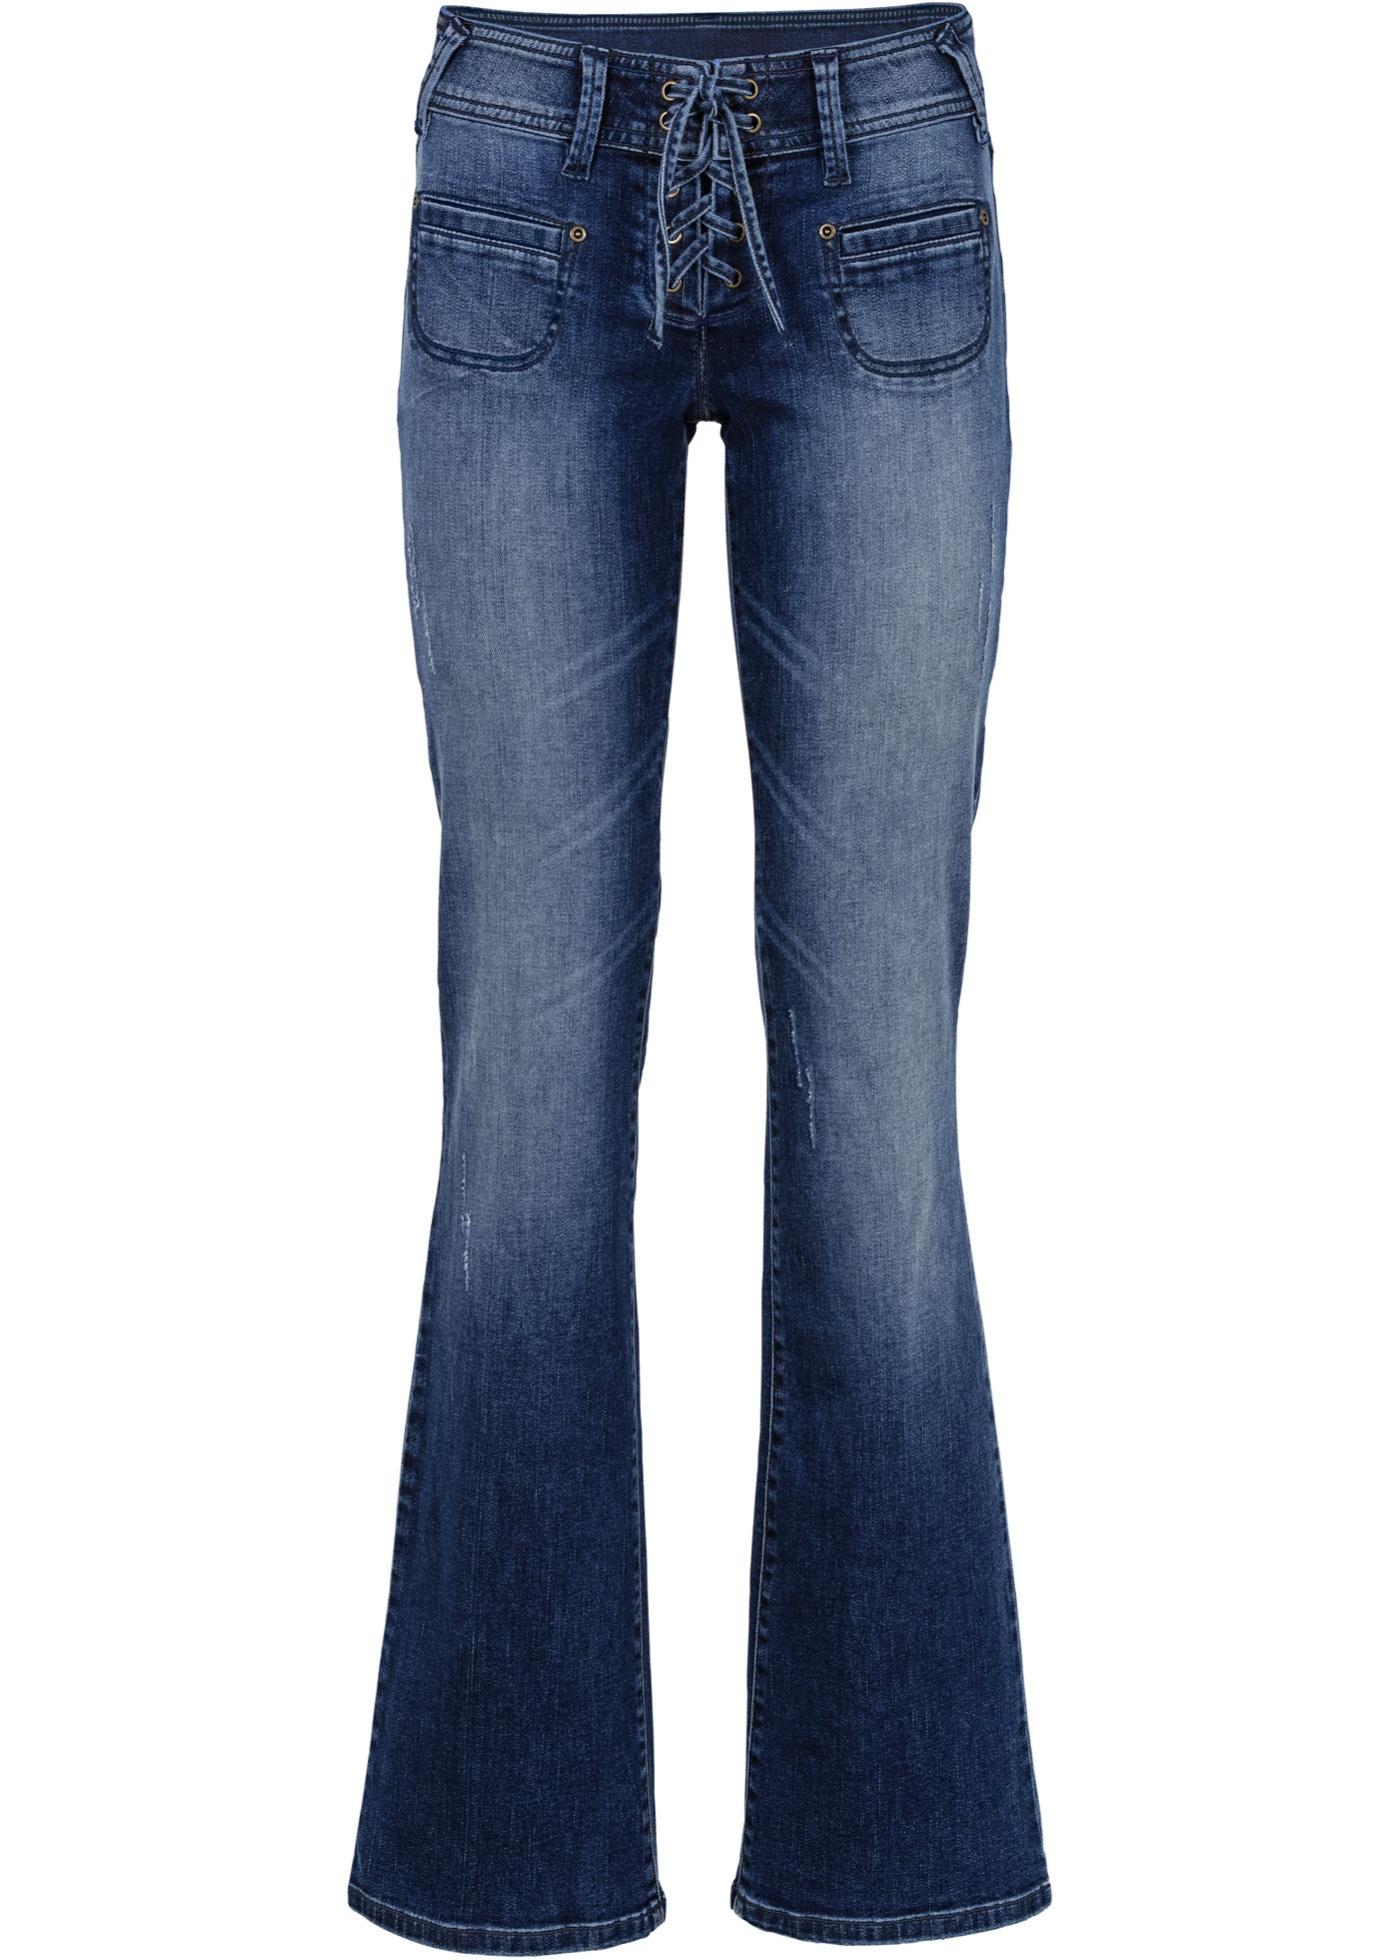 jeans mit schn rung in blau f r damen von bonprix rainbow damen. Black Bedroom Furniture Sets. Home Design Ideas